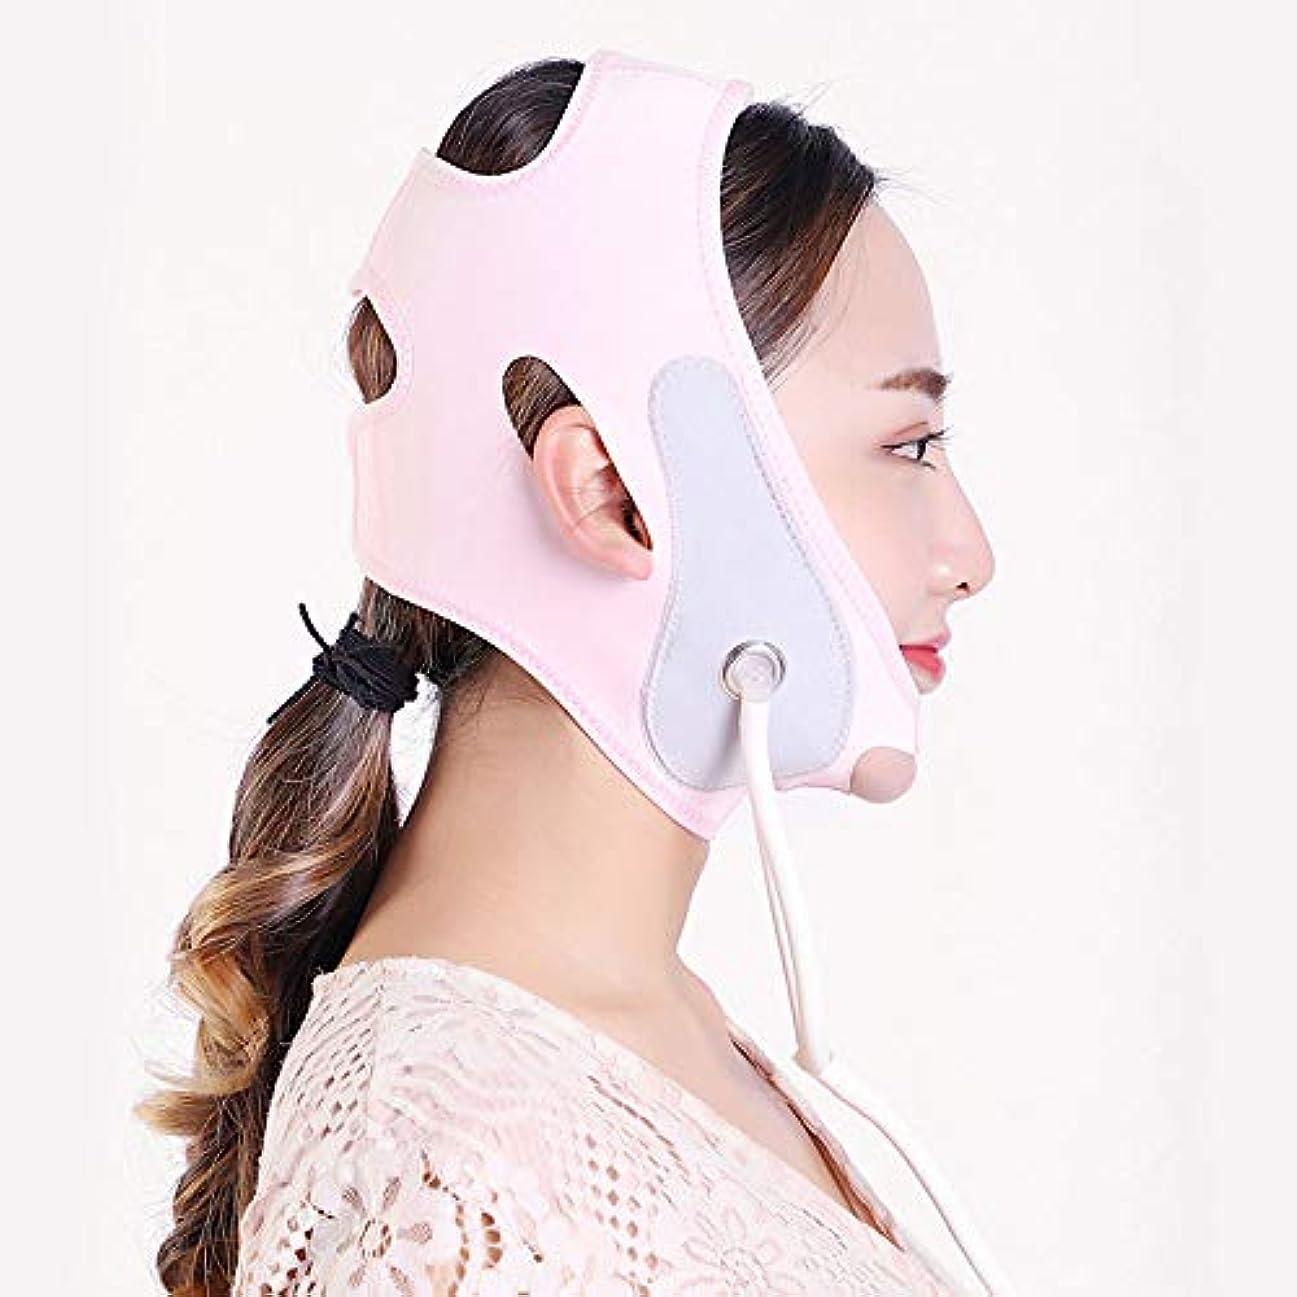 ふざけた視力精査する膨脹可能なVのマスク、持ち上がる咬筋の筋肉収縮のあごの睡眠ベルト/膨脹可能なベルト/包帯を持ち上げる